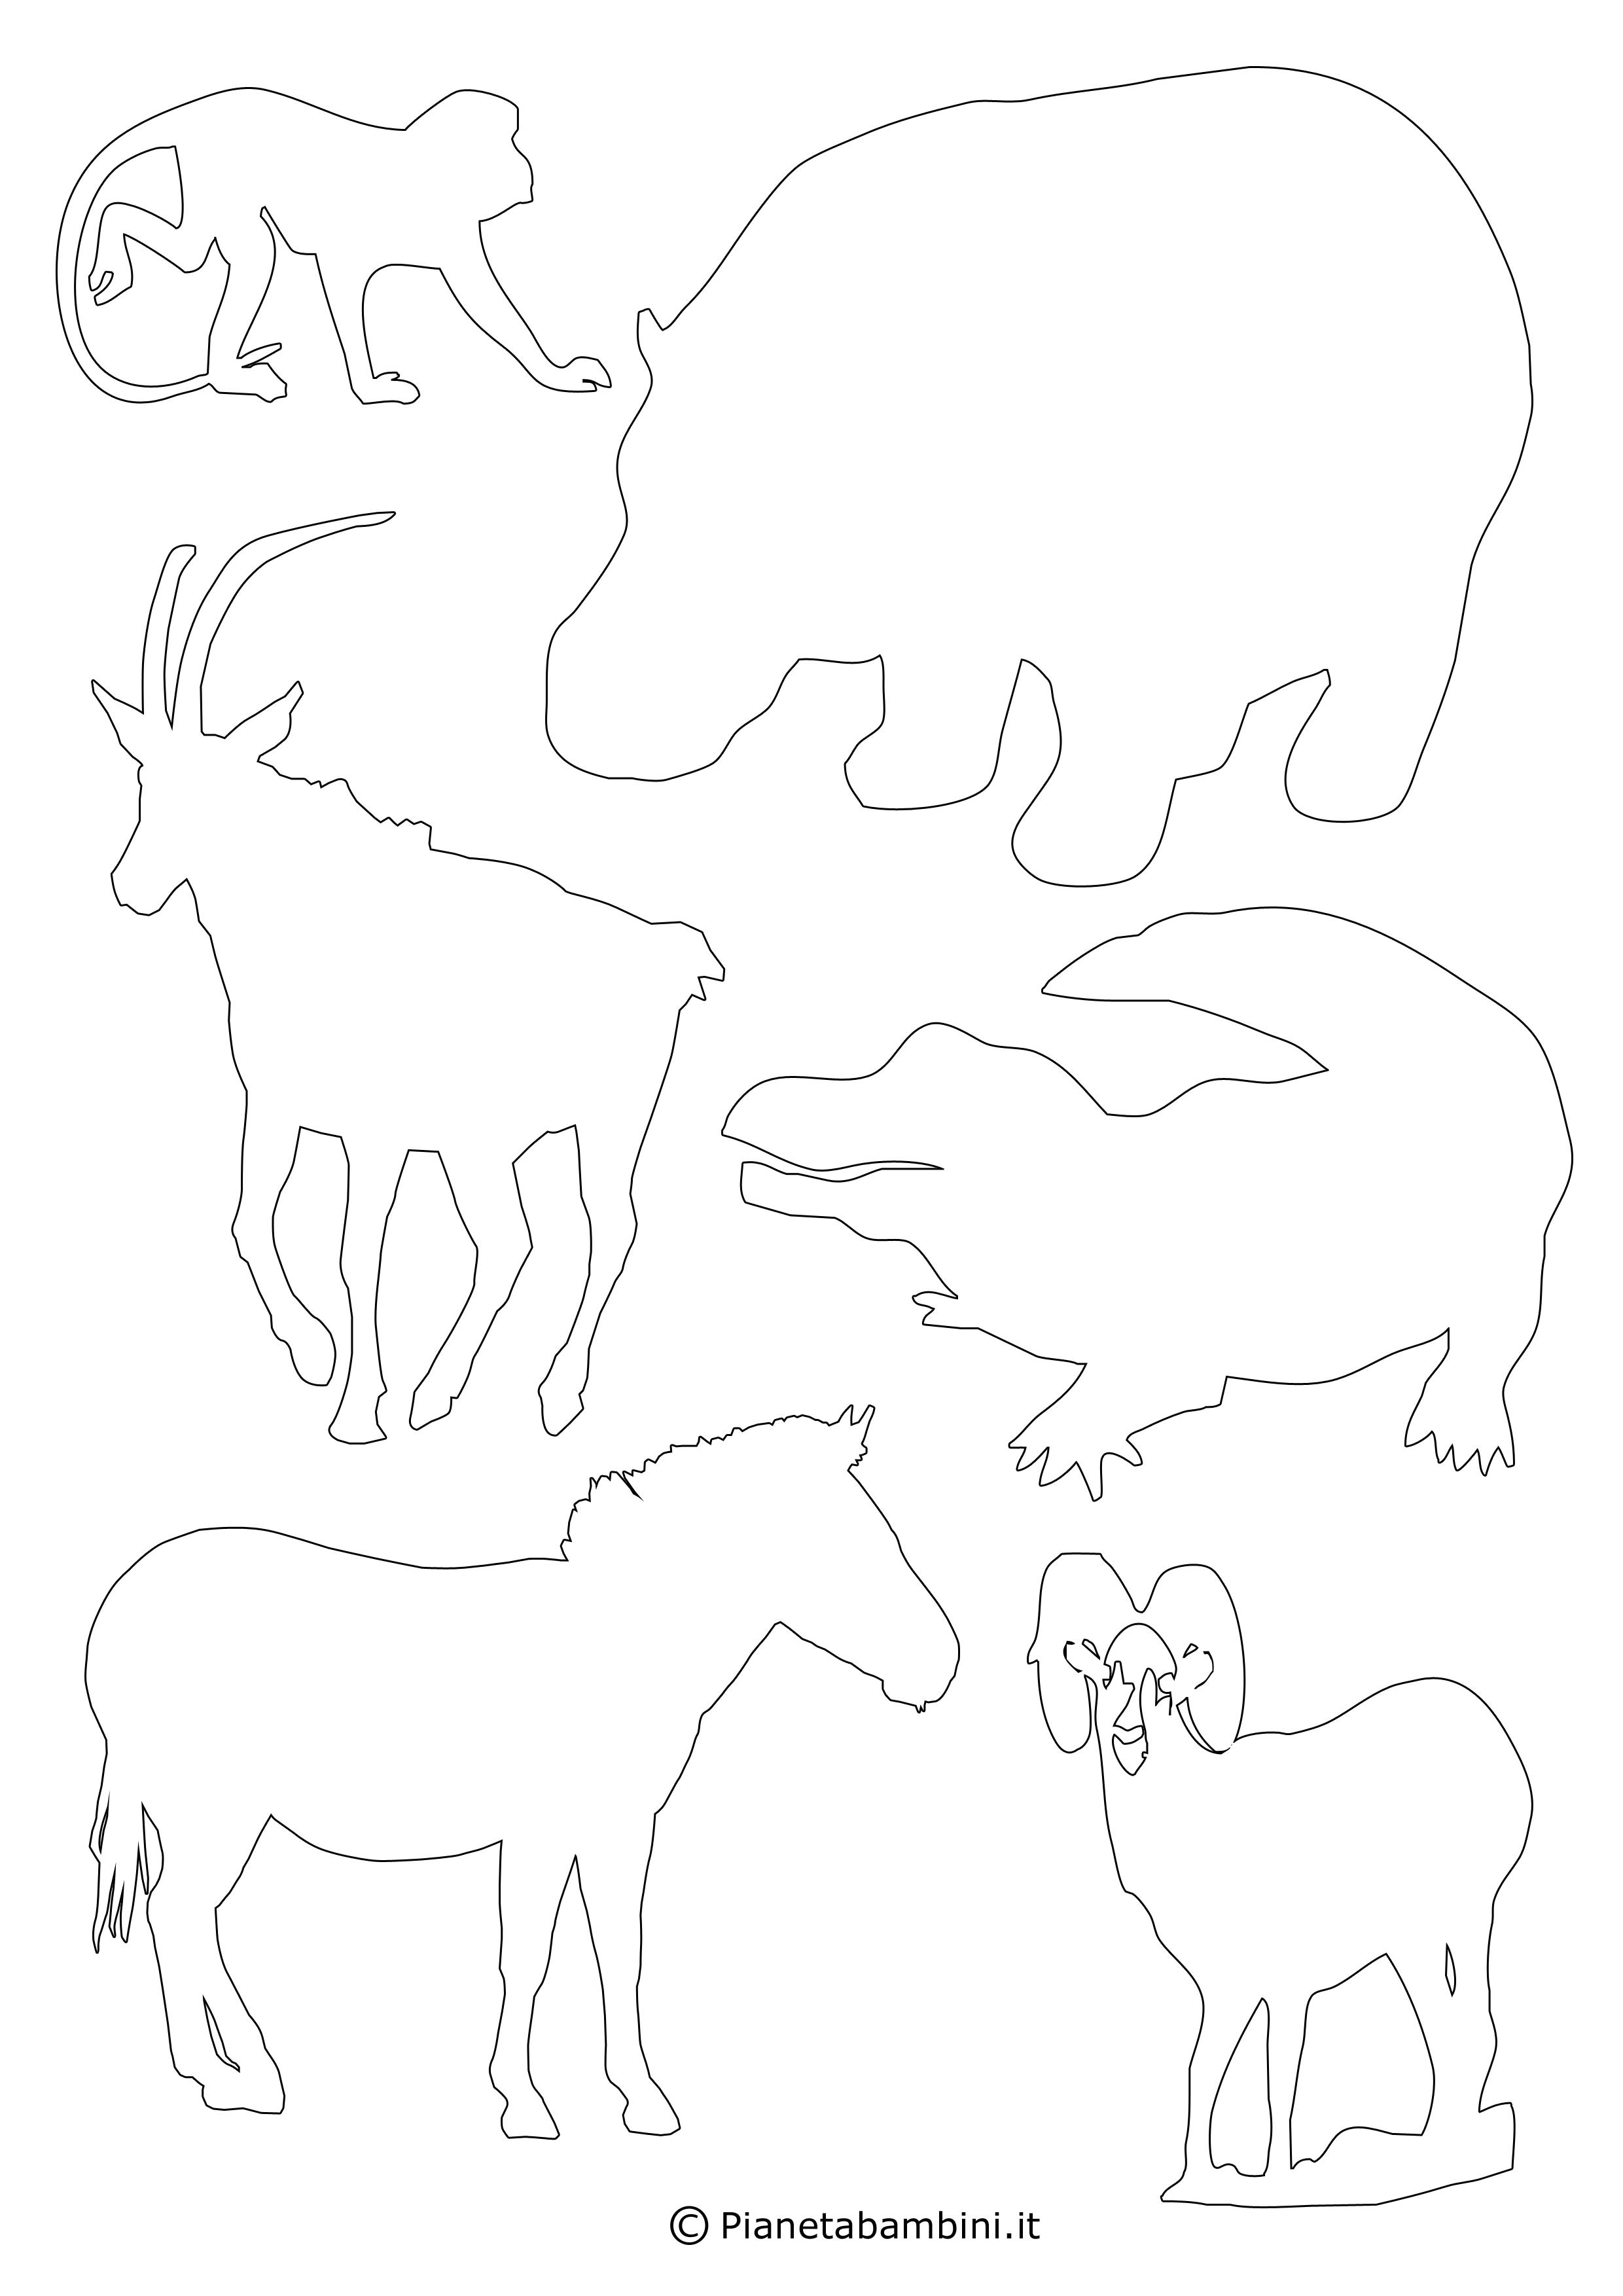 Sagome di 90 animali da stampare colorare e ritagliare for Disegni da stampare colorare e ritagliare